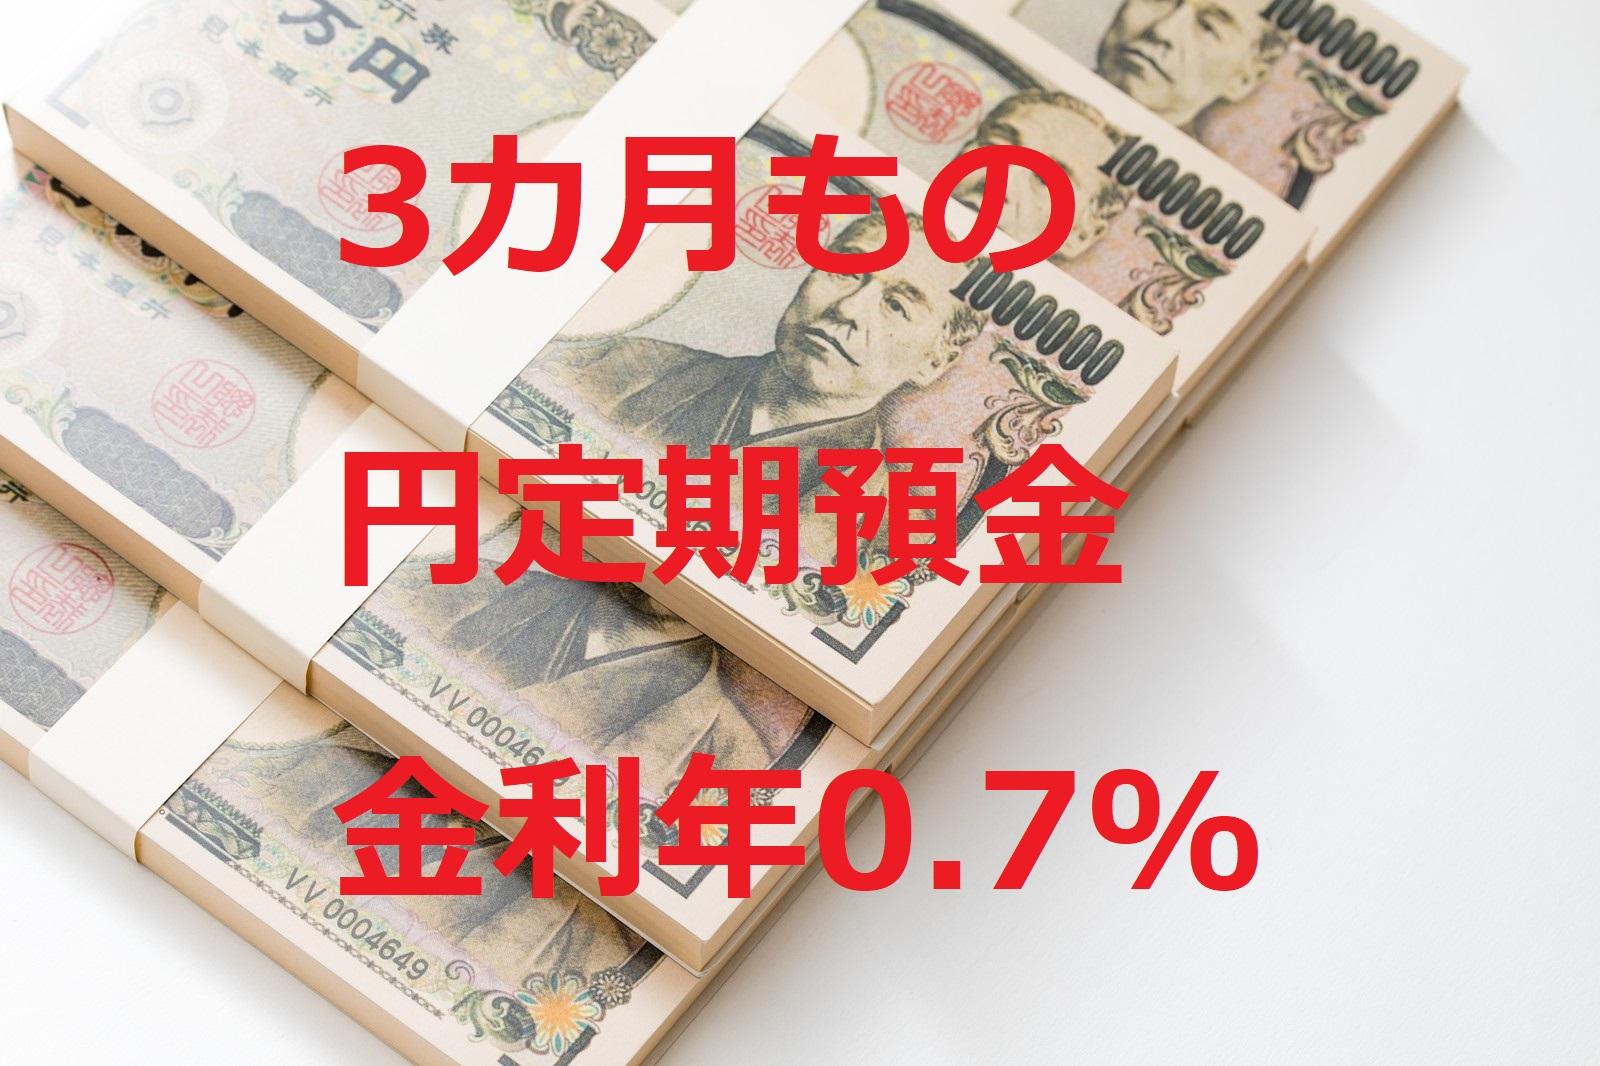 -新生銀行-お客様限定3カ月もの円定期預金 金利年0.7% イメージ画像